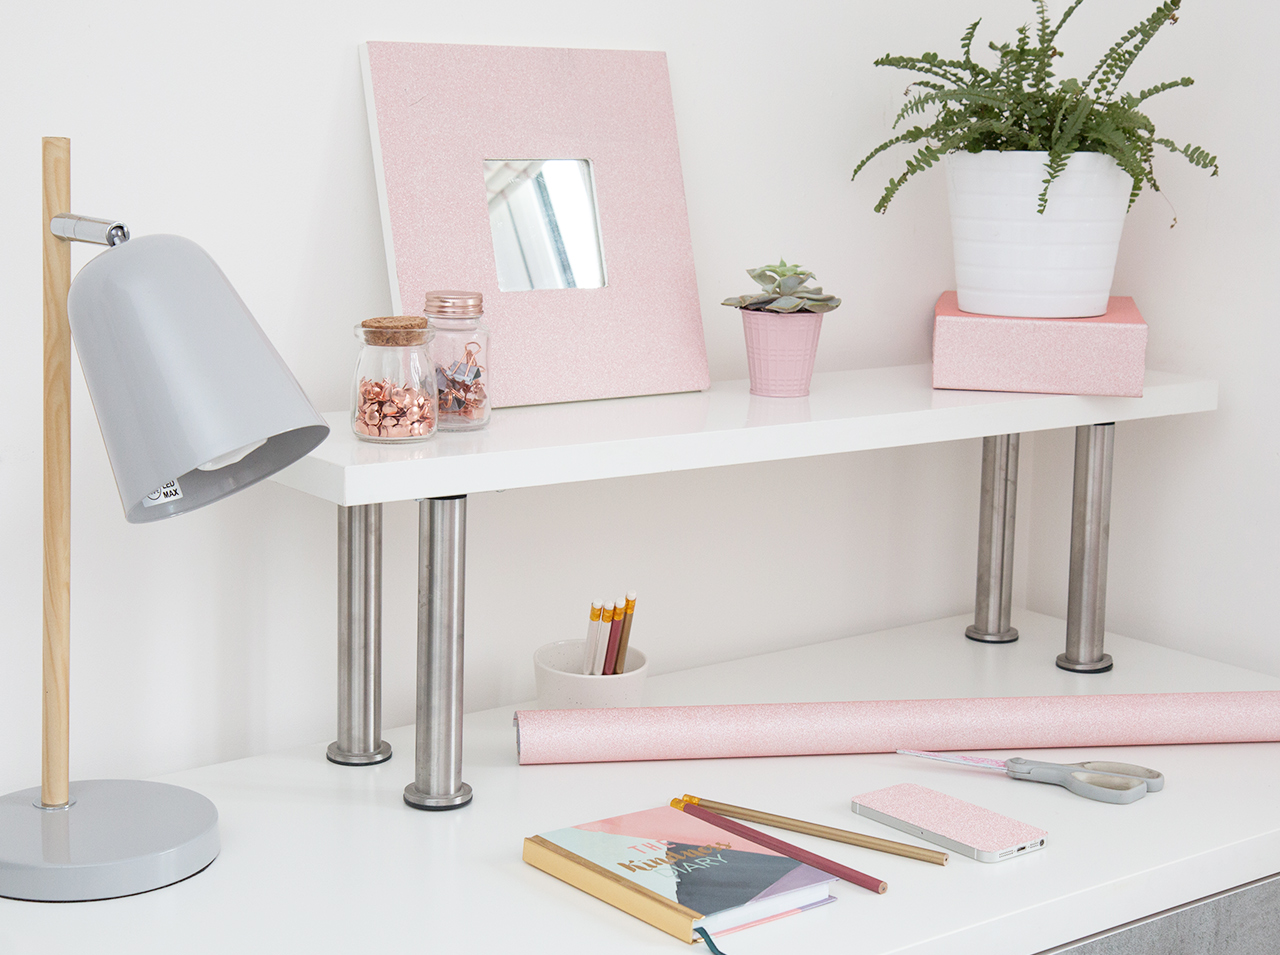 dcfix Möbel Klebefolie Dekofolie DIY Deko Kinderzimmer Schreibtisch Glitterfolie Rosa